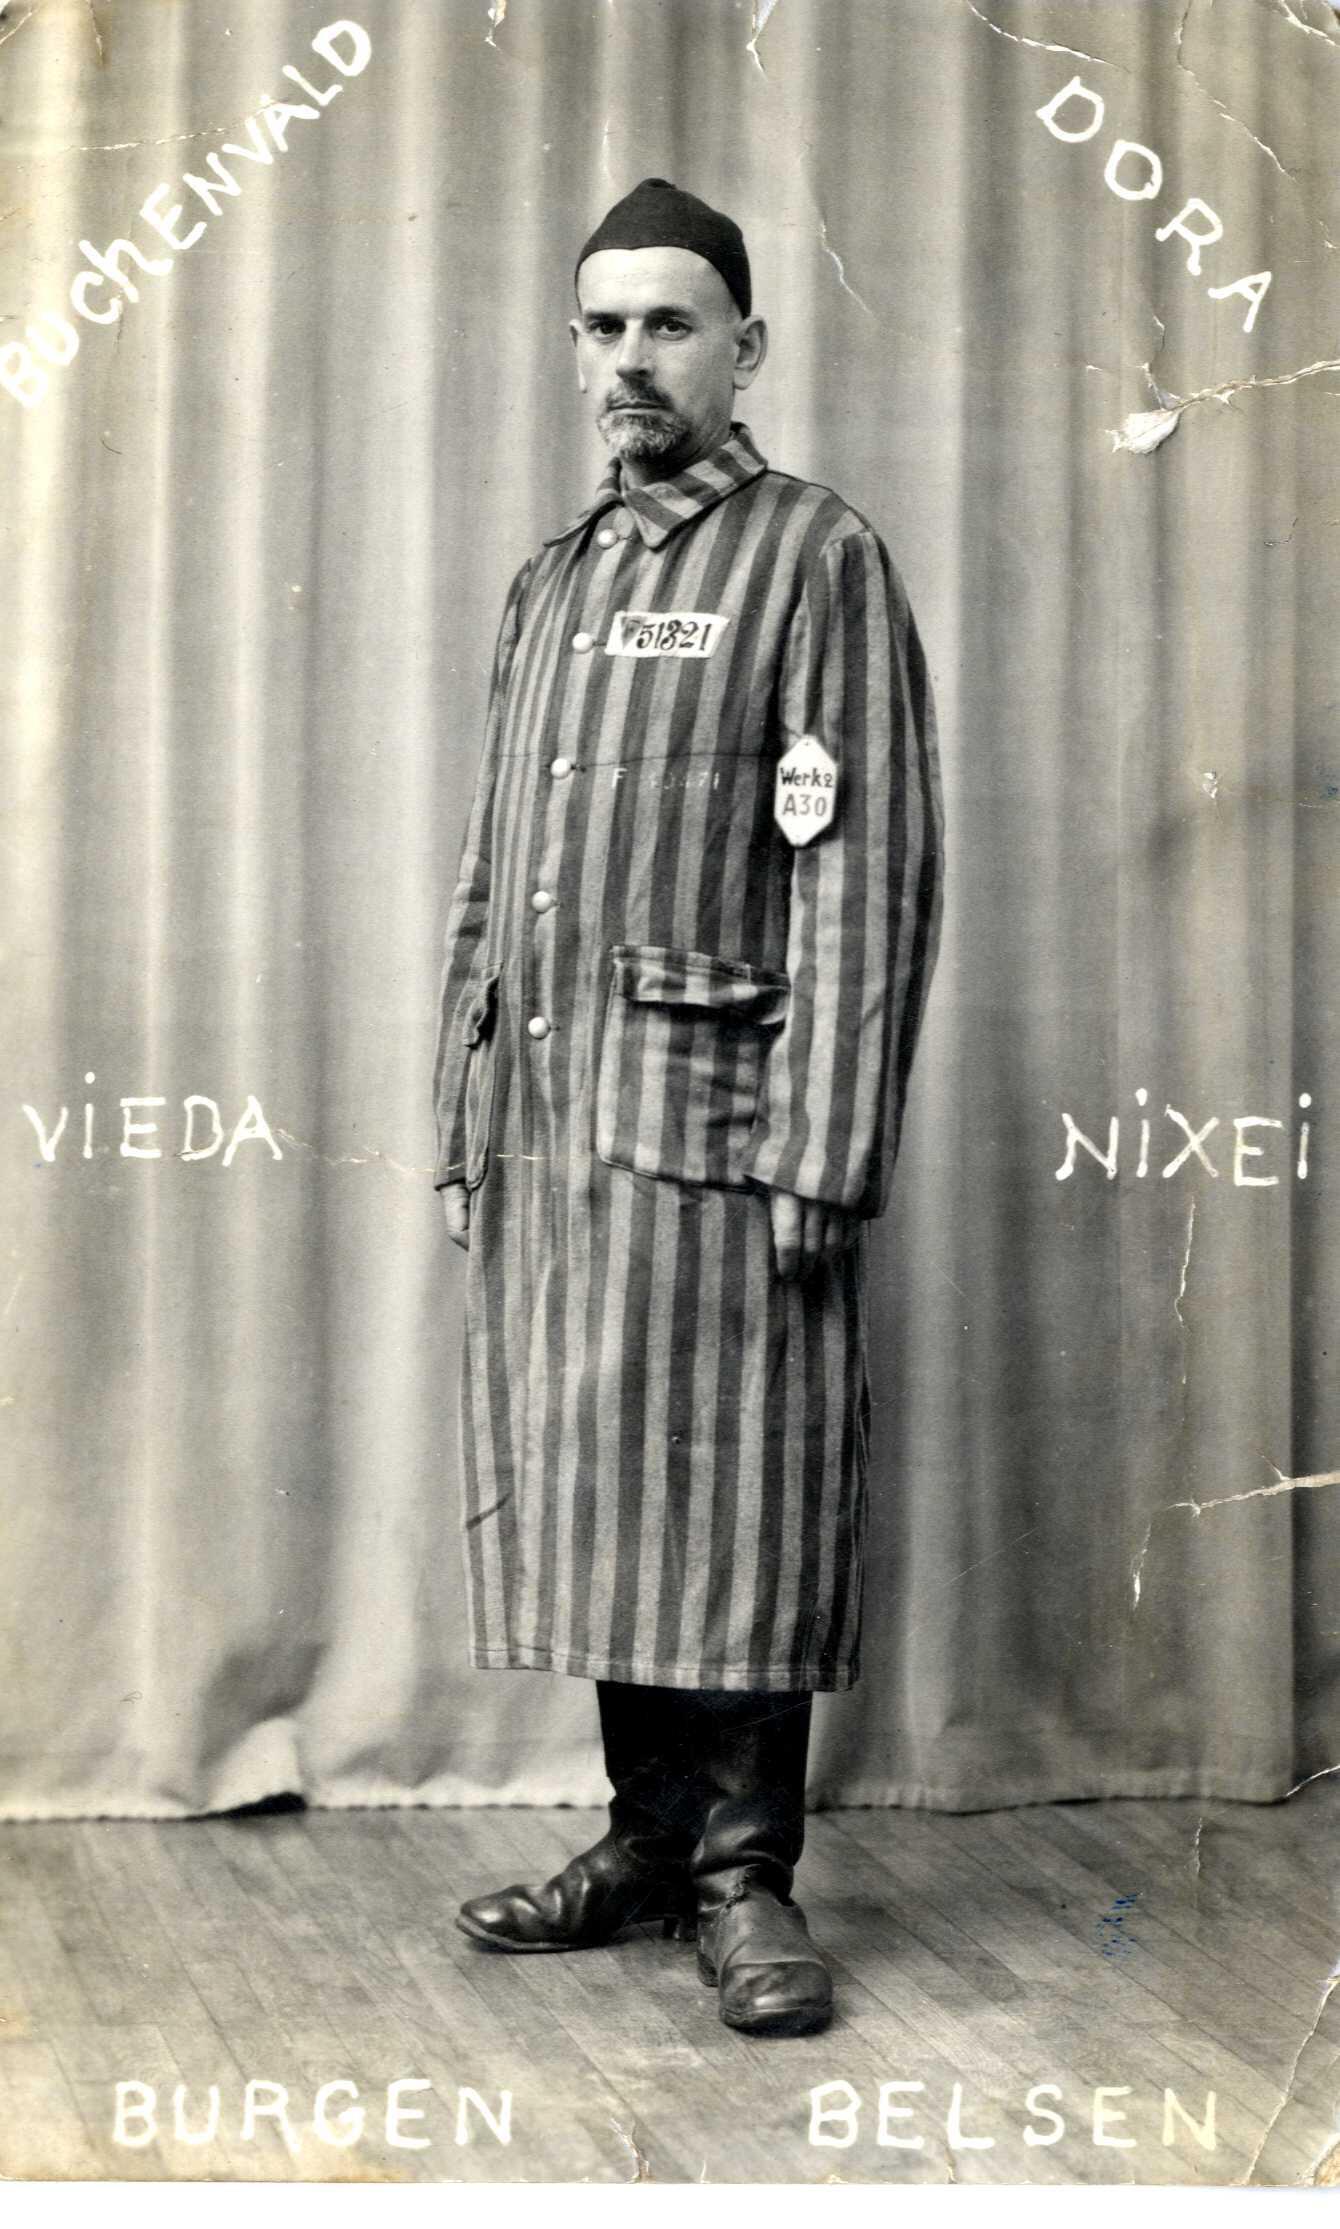 Une photographie du déporté Henri Guet. Cheminot à la SNCF, il a été arrêté en en novembre 1941 par la police française au Mans en tant qu'ex membre du parti communiste. Condamné à cinq ans de prison, il purge sa peine avant d'être remis aux autorités allemandes puis déporté en mai 1944.